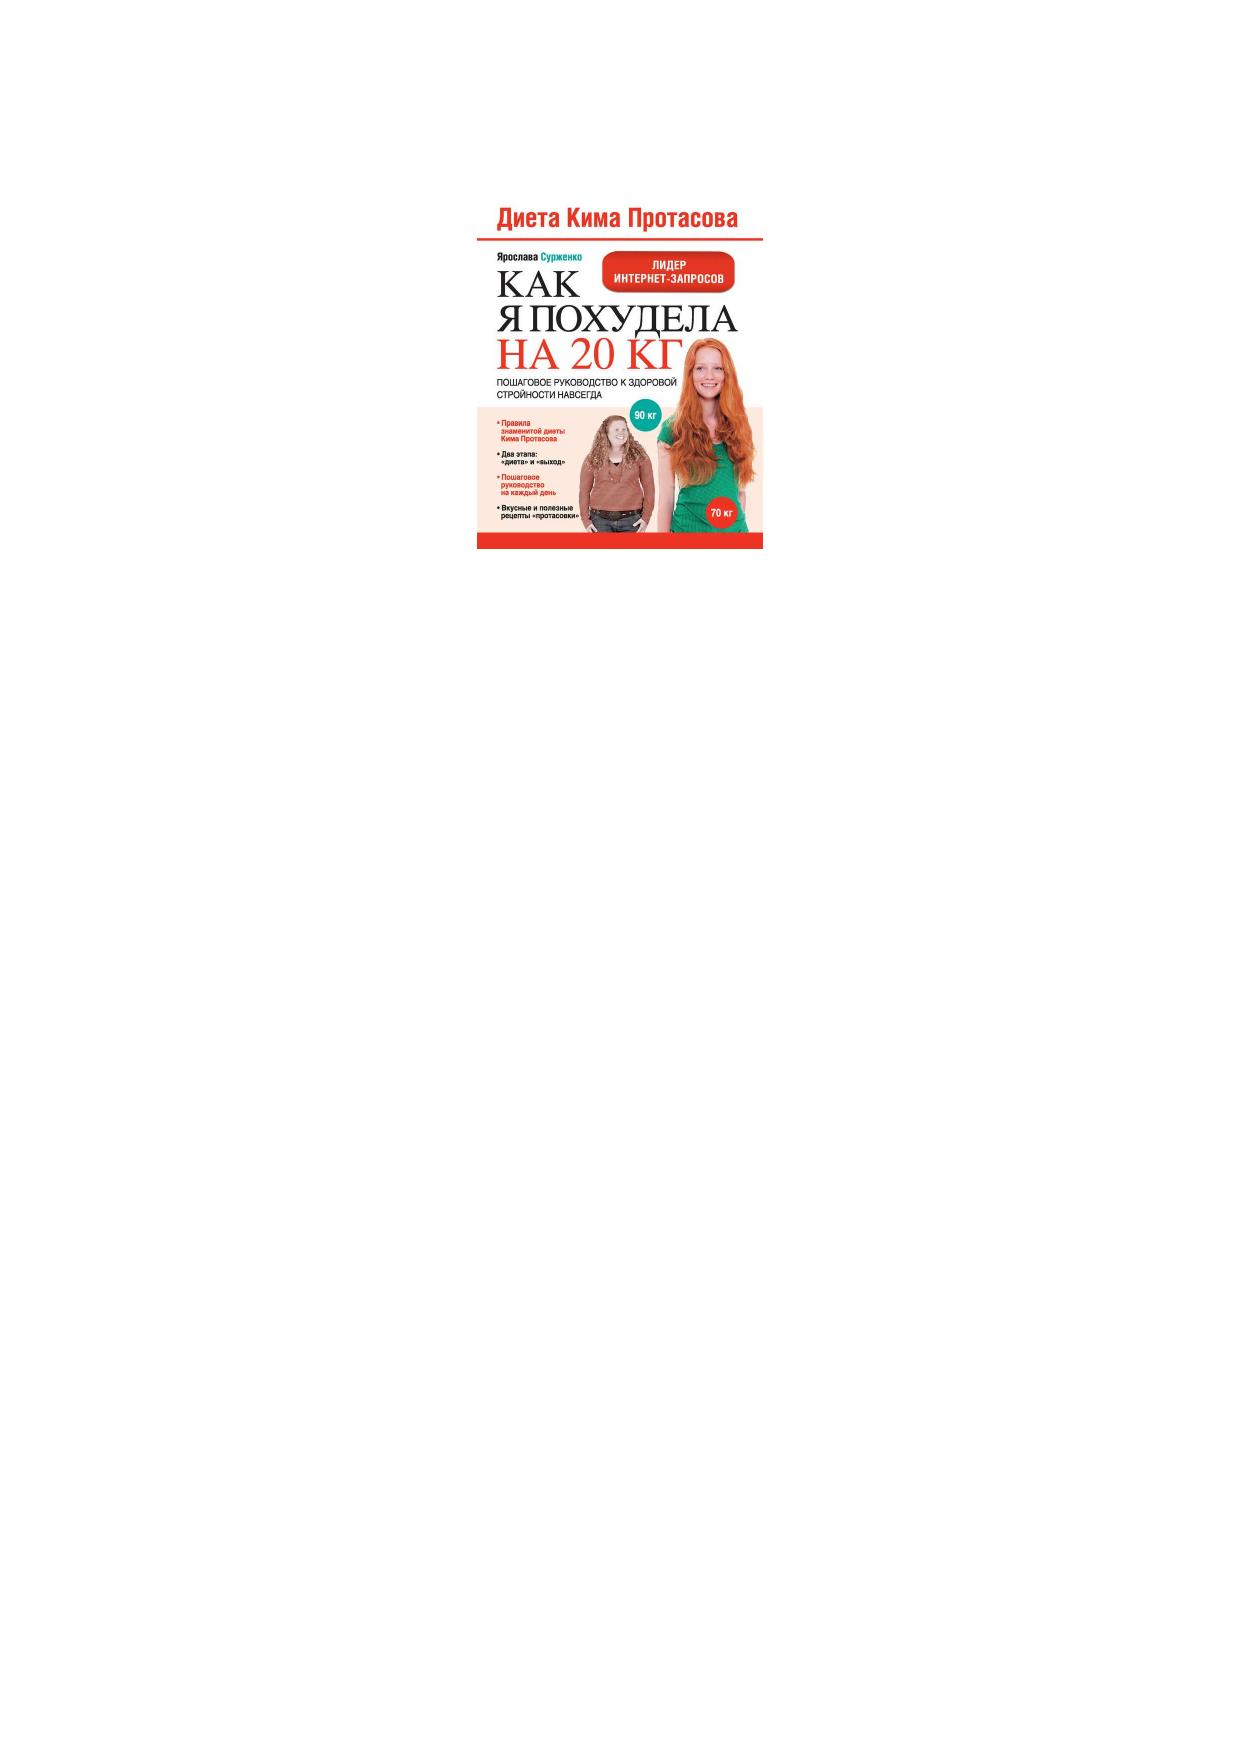 Похудеть На Диете Кима Протасова. Обзор диеты Кима Протасова: подробное описание, меню на каждый день, отзывы и результаты